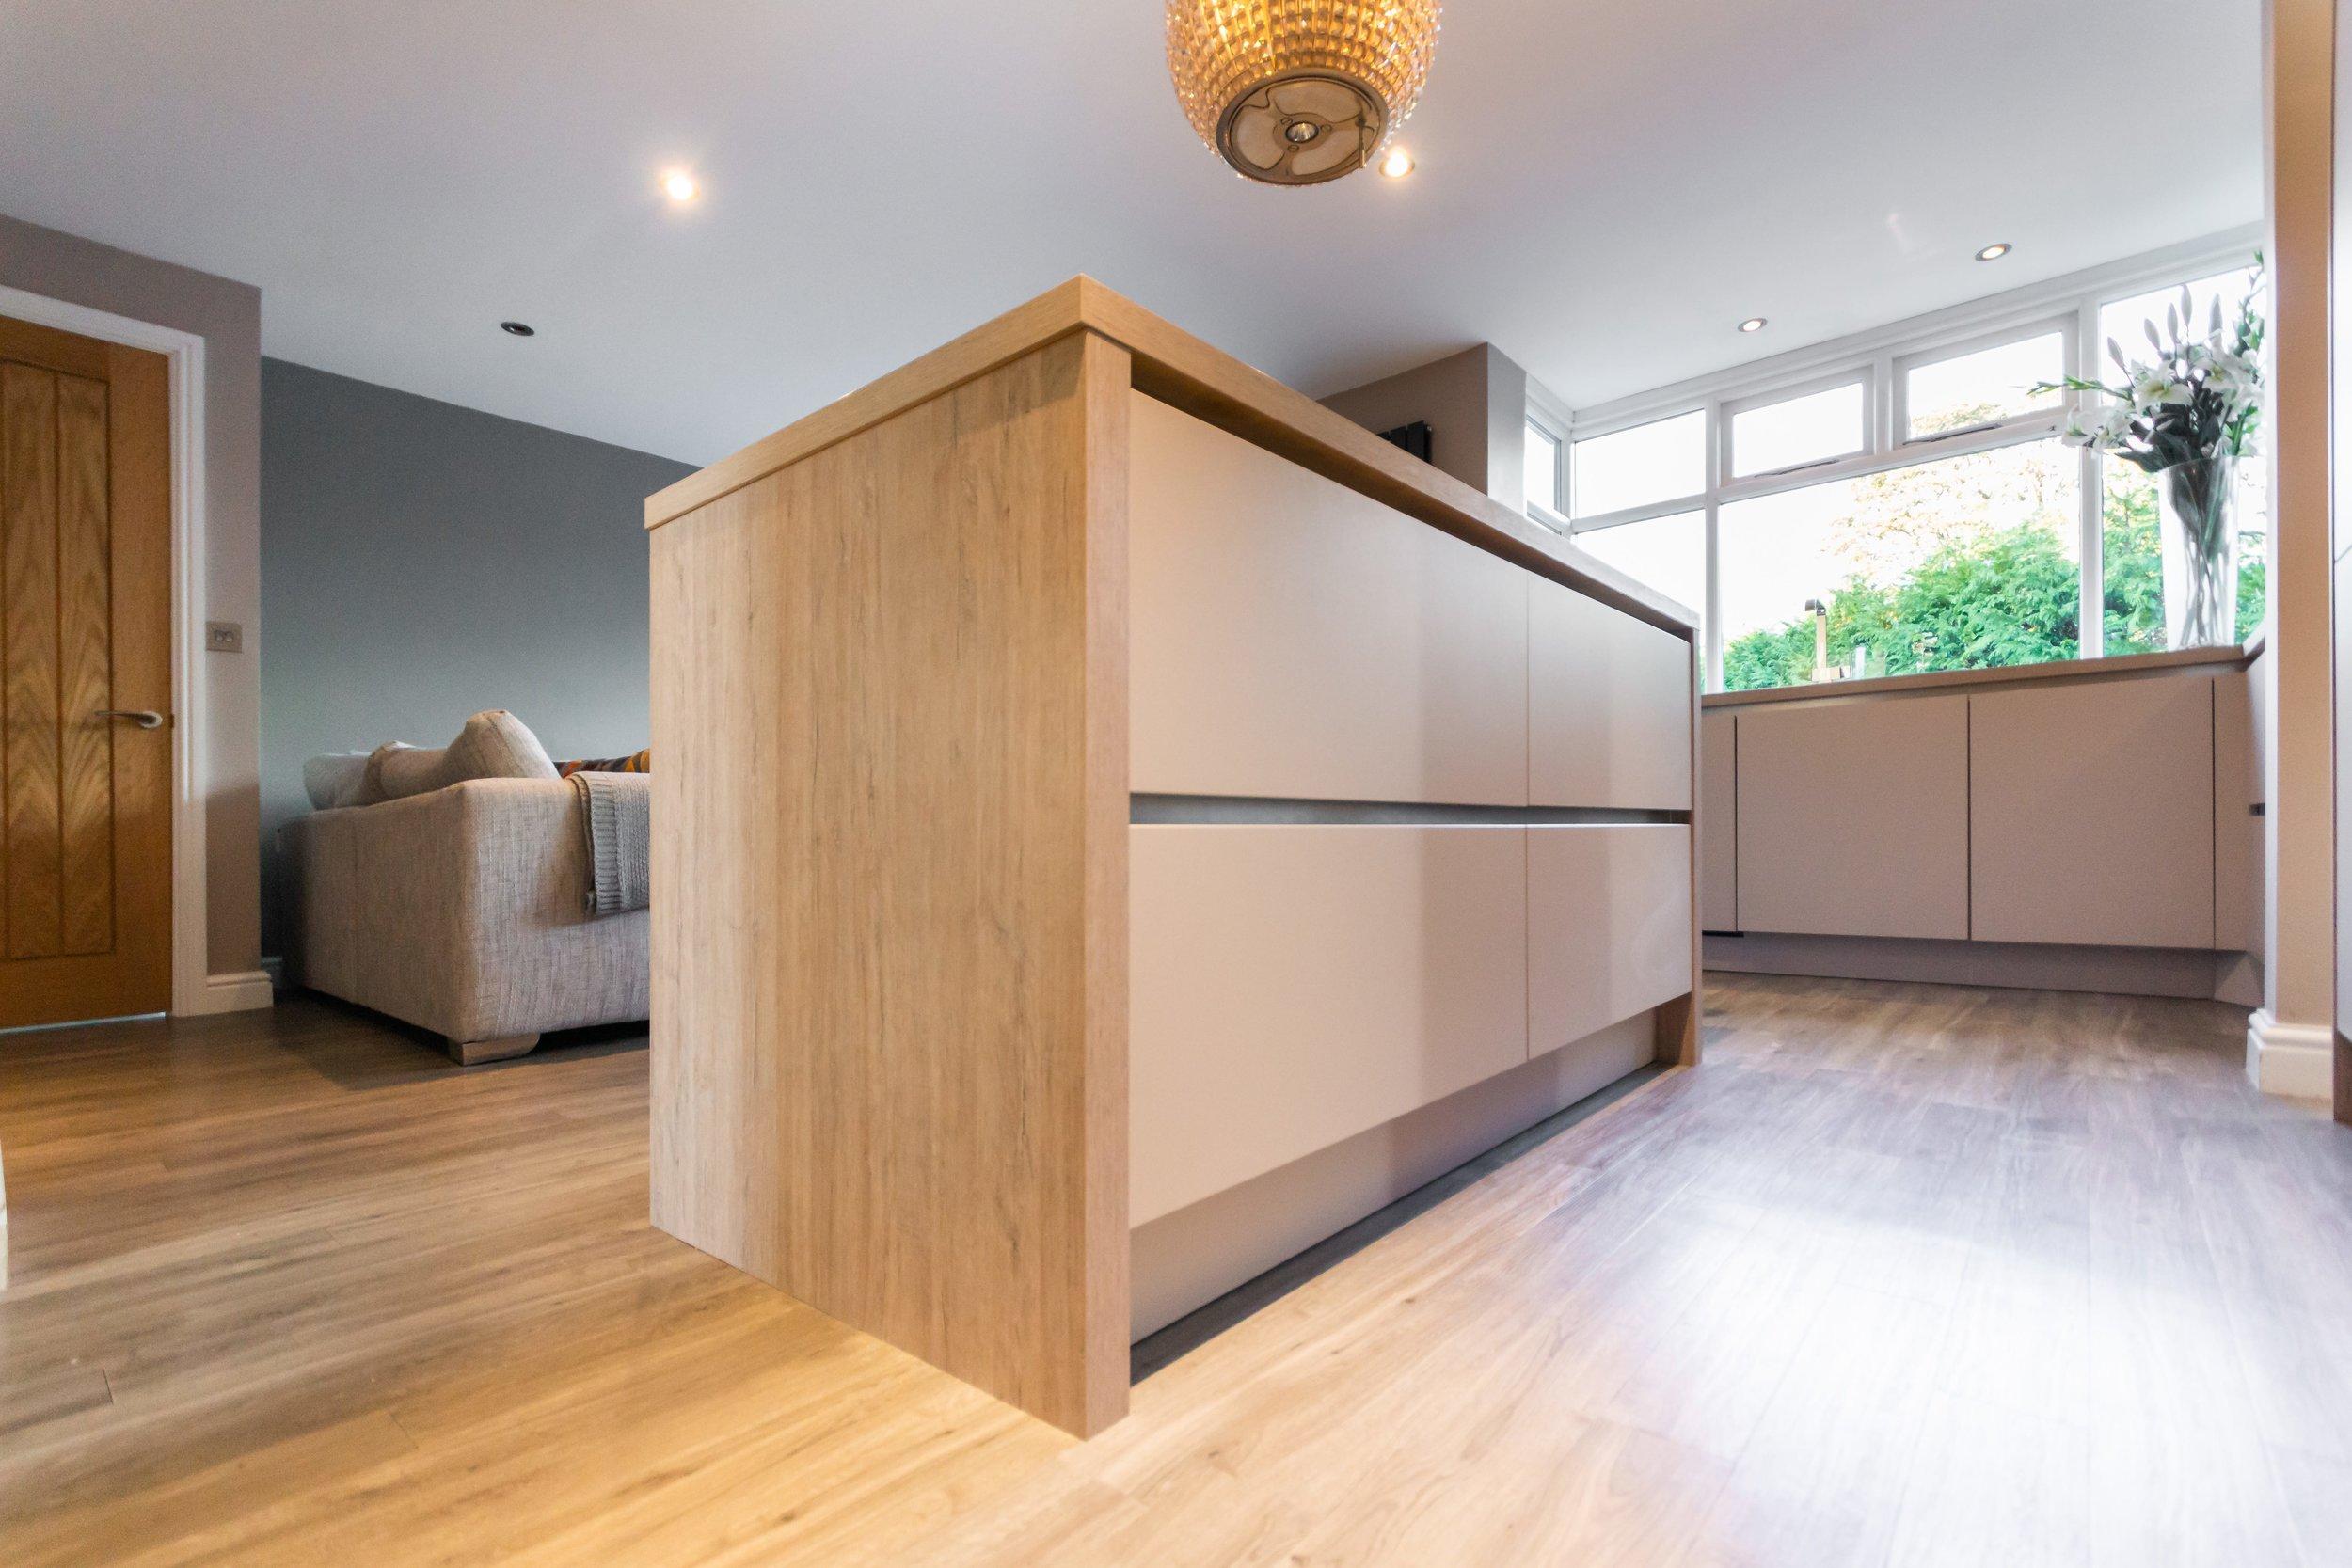 Adams-Kitchen-Webbs-Kendal-5.jpg